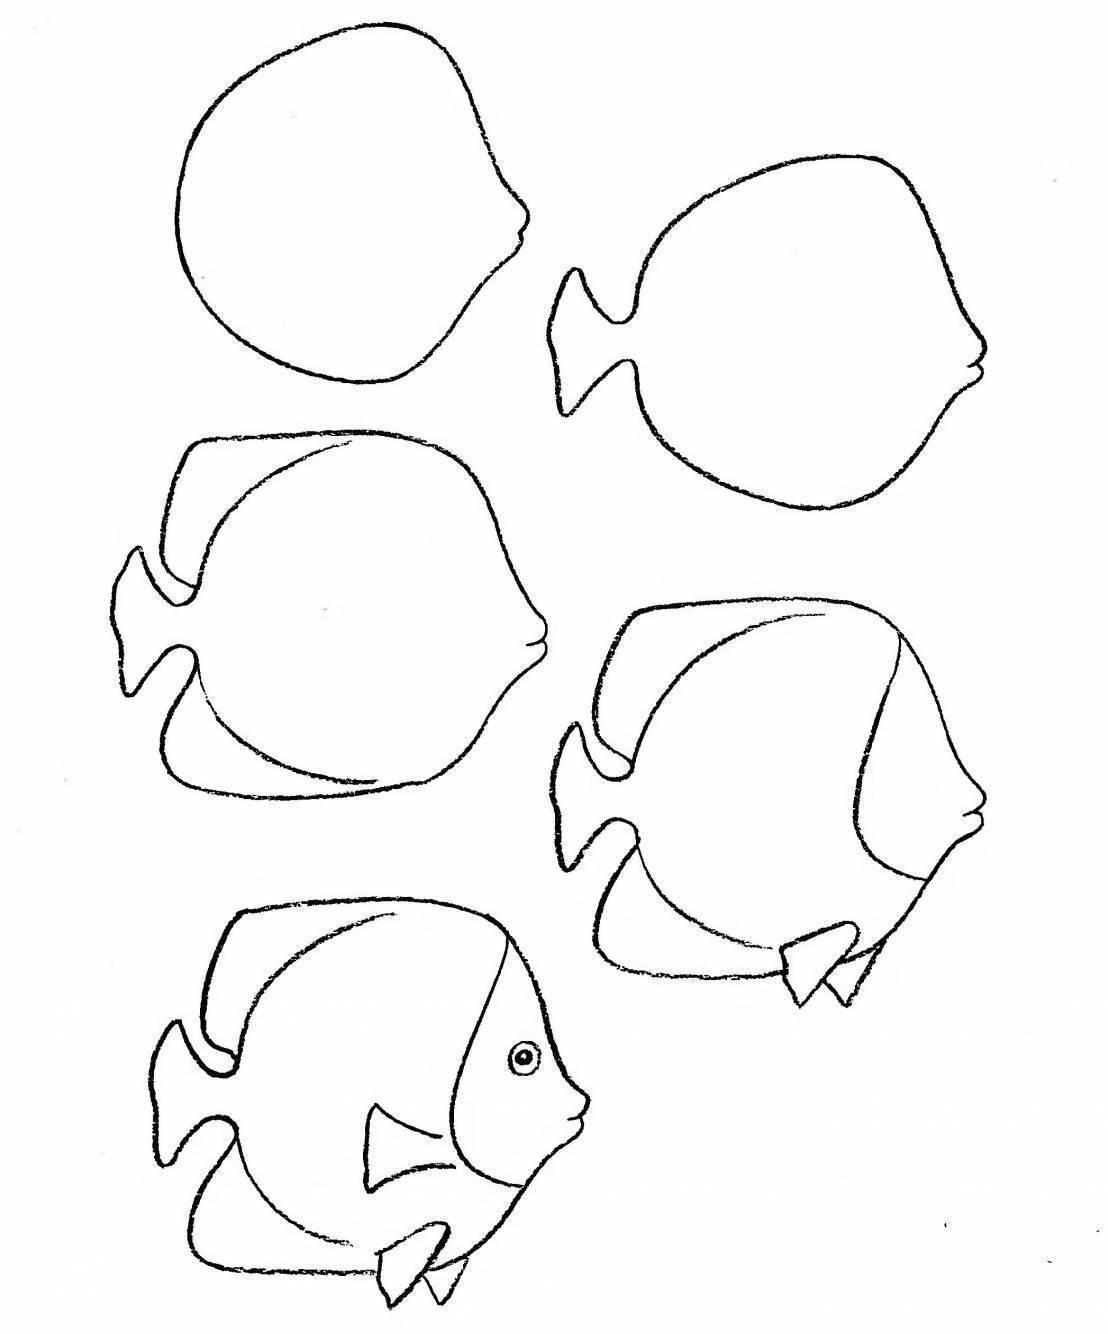 Нарисовать рыбка – как нарисовать золотую рыбку поэтапно. пошаговый урок рисования рыбки